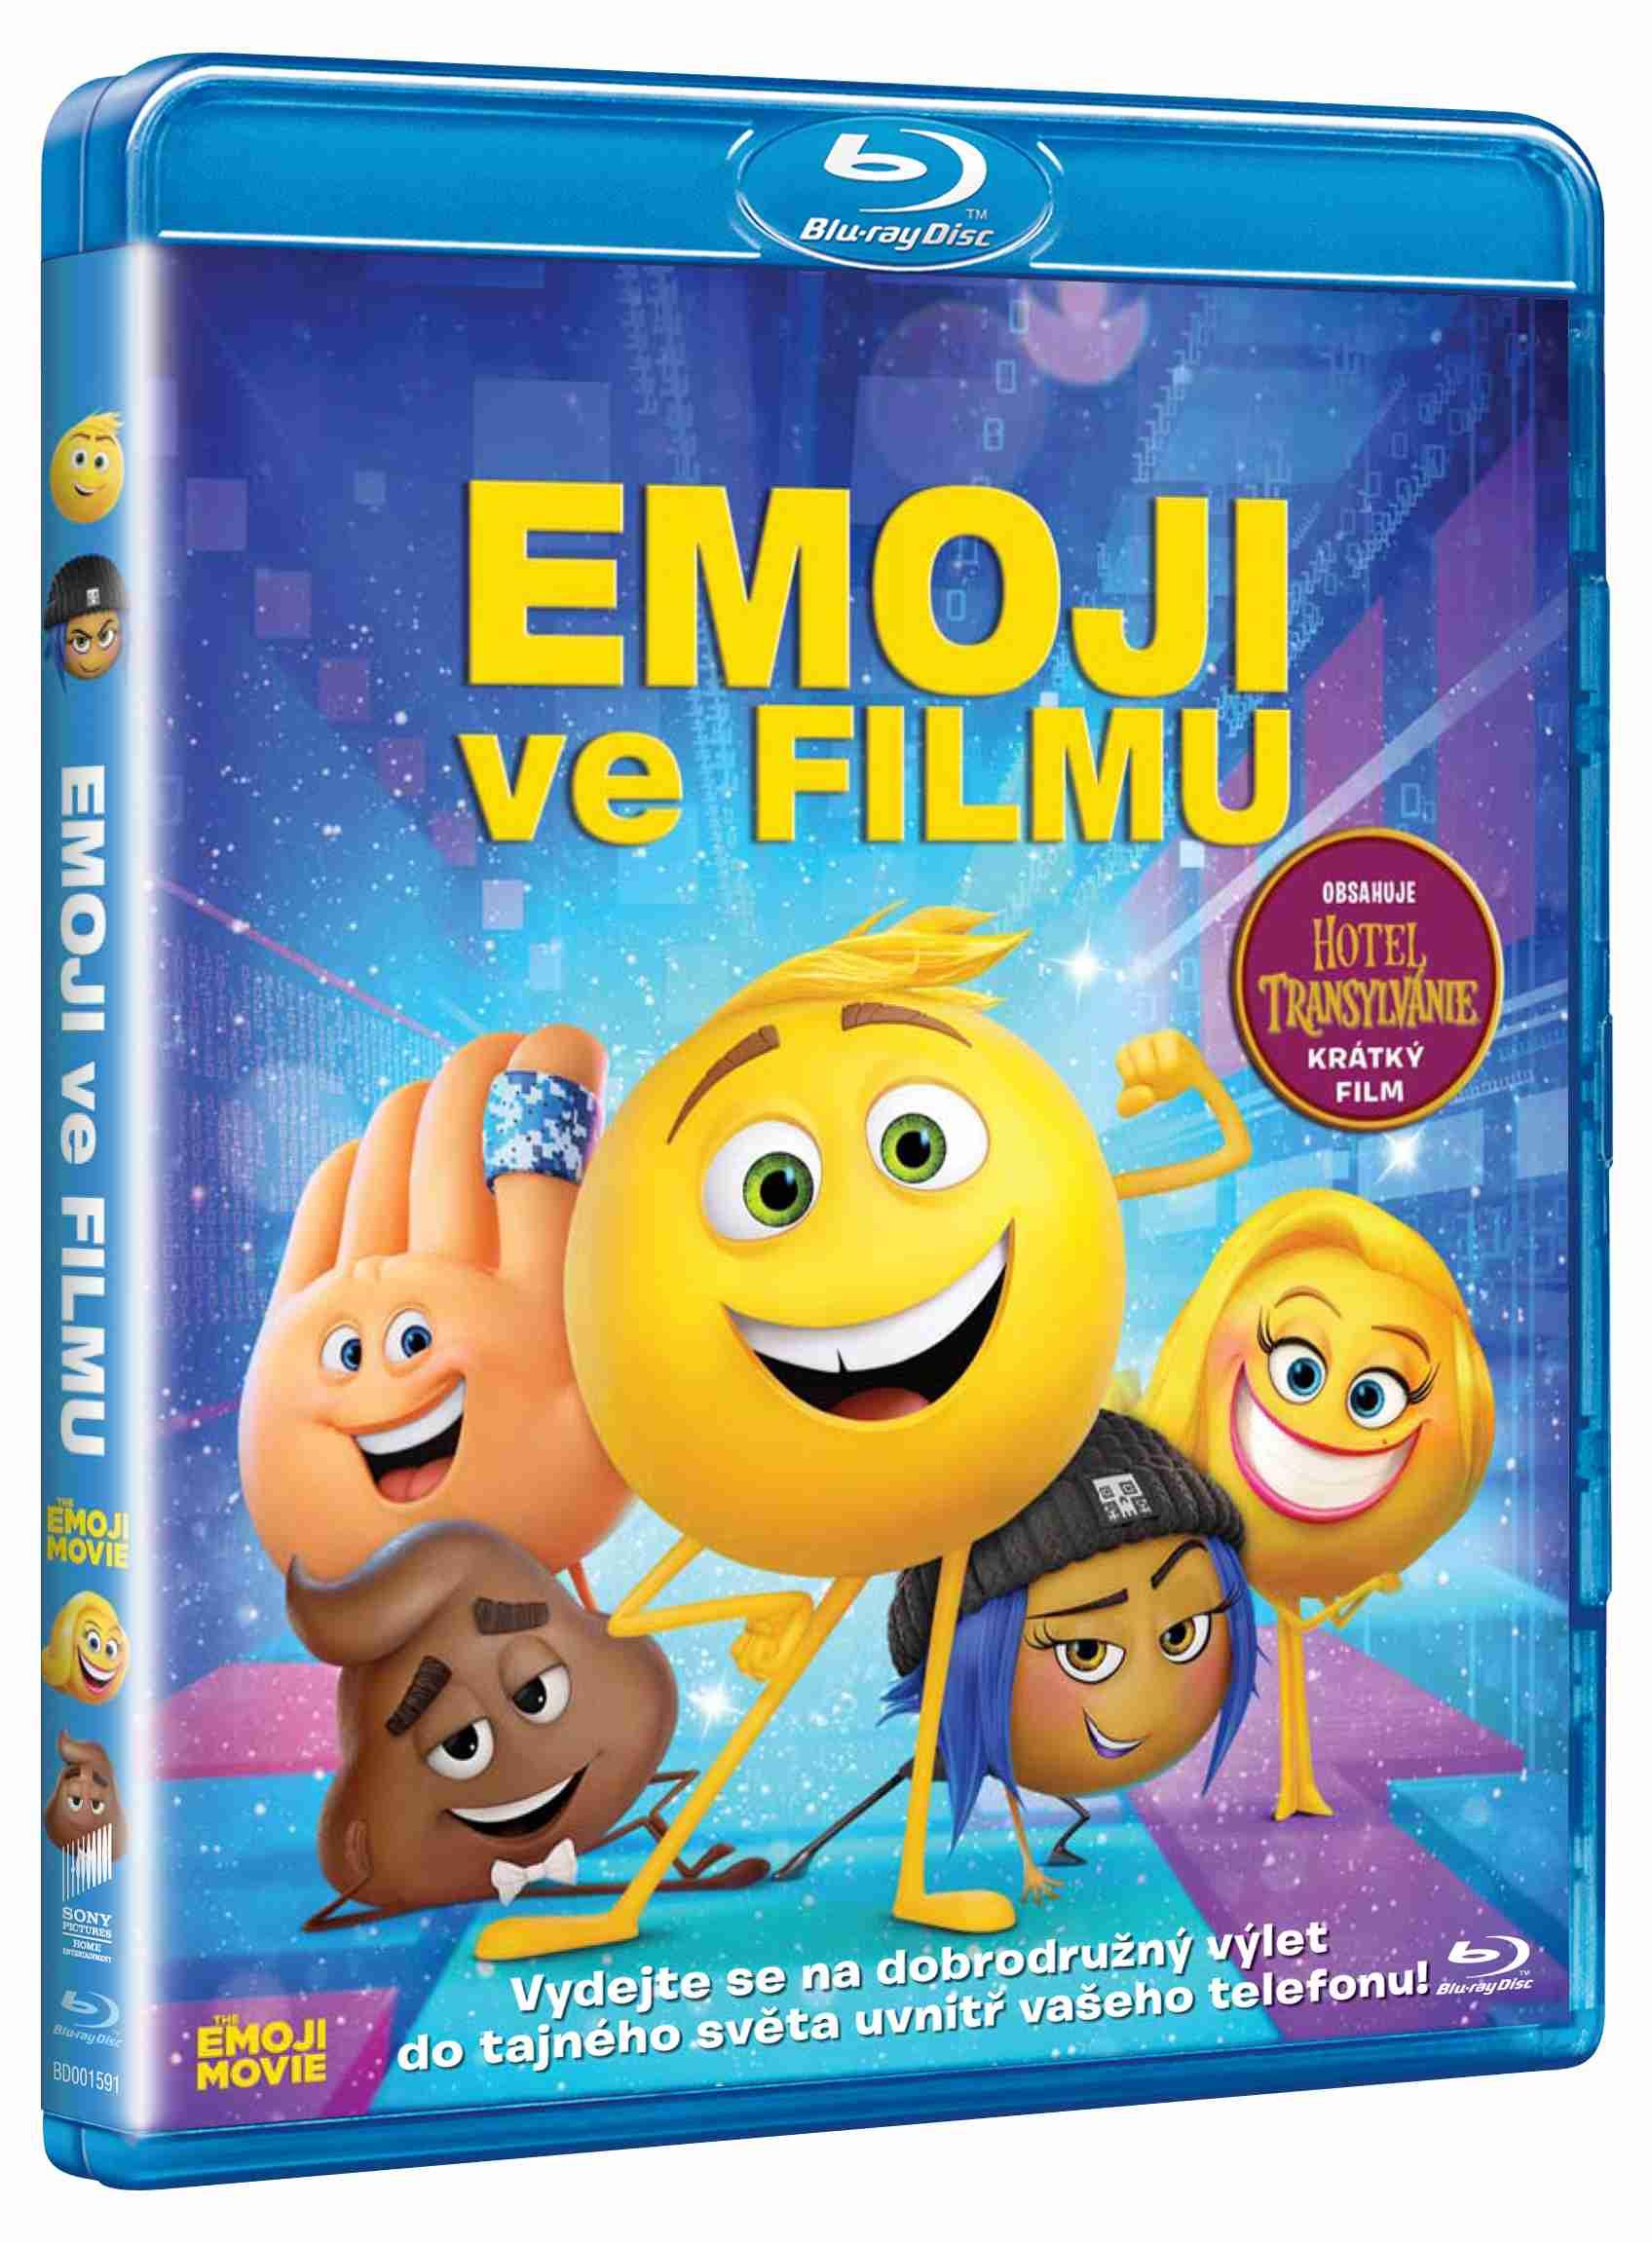 EMOJI VE FILMU - Blu-ray